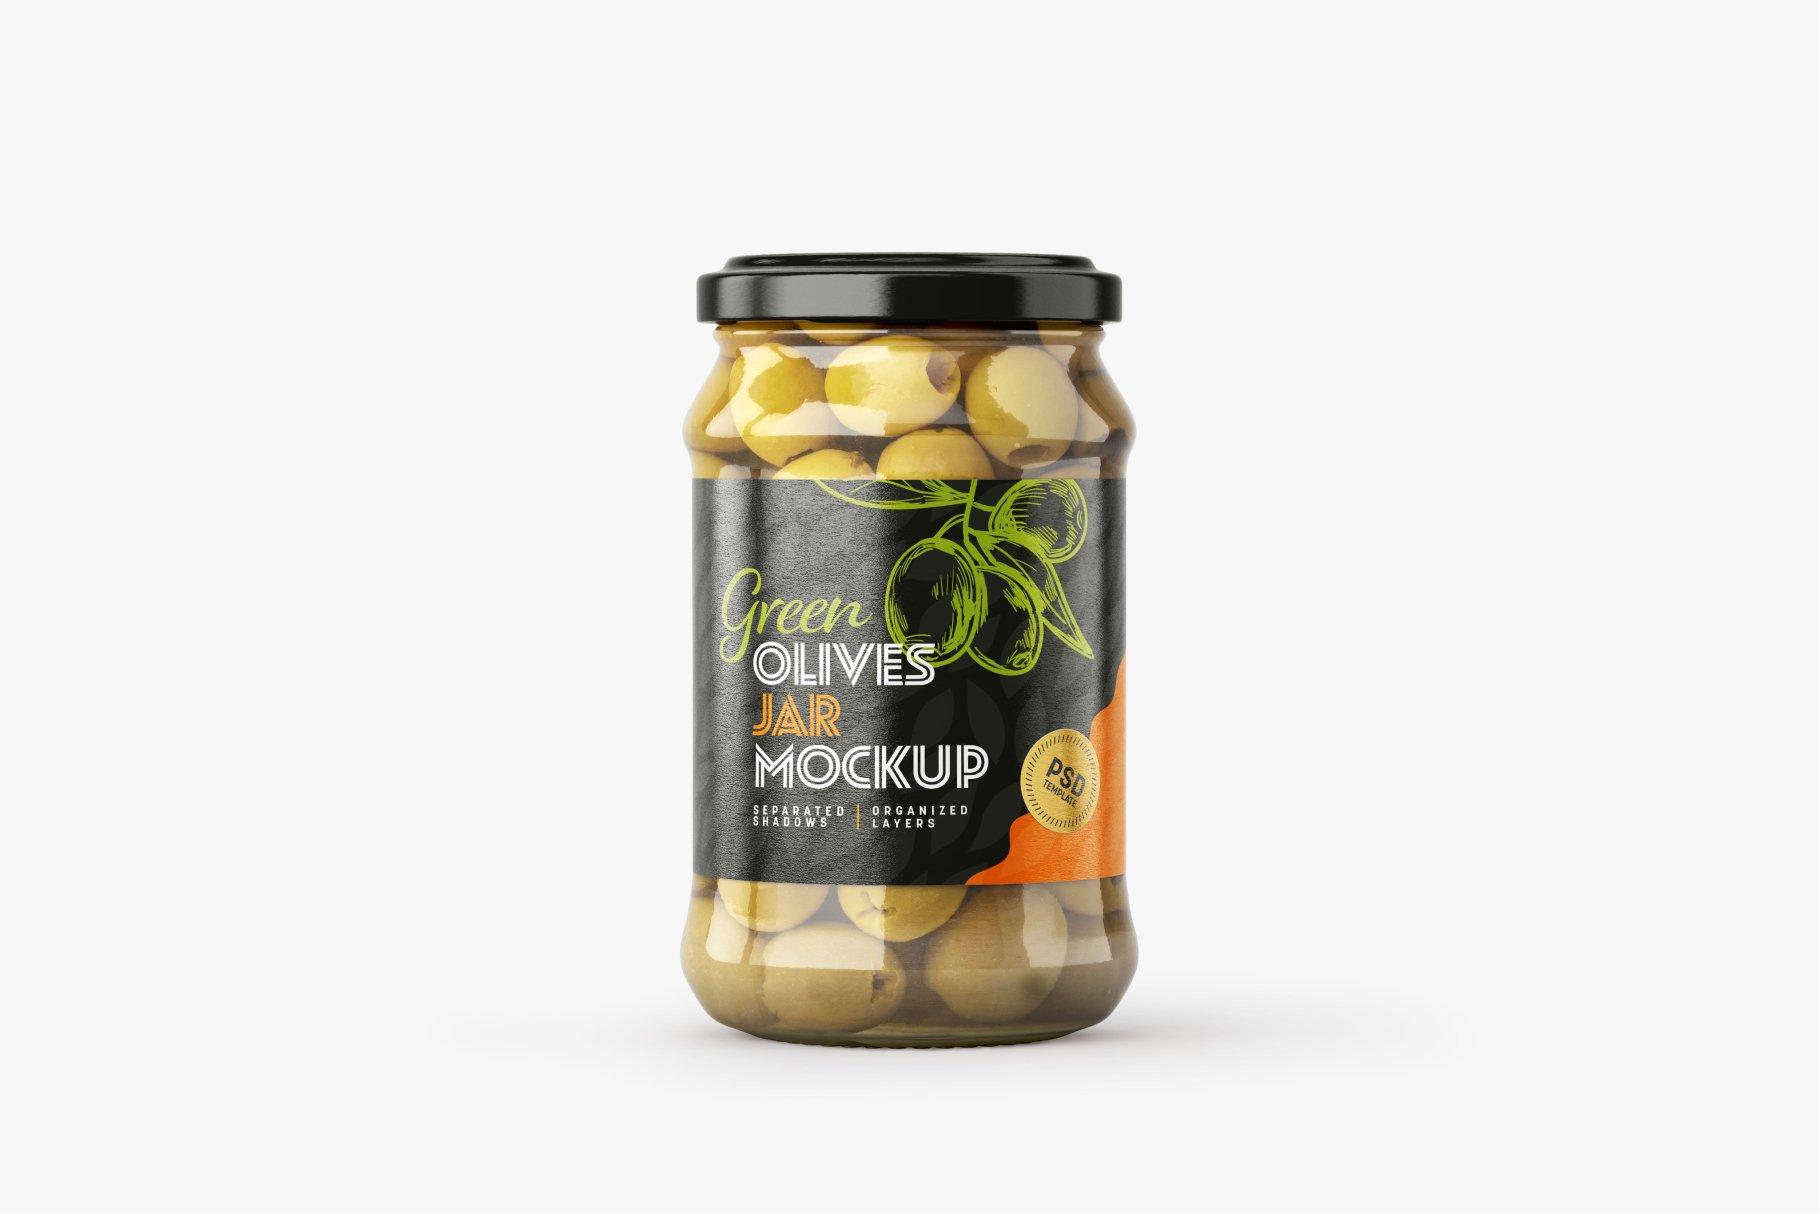 9款新潮华丽食品果酱罐头玻璃罐标签设计样机合集 Olives Jar Mockup Set插图5